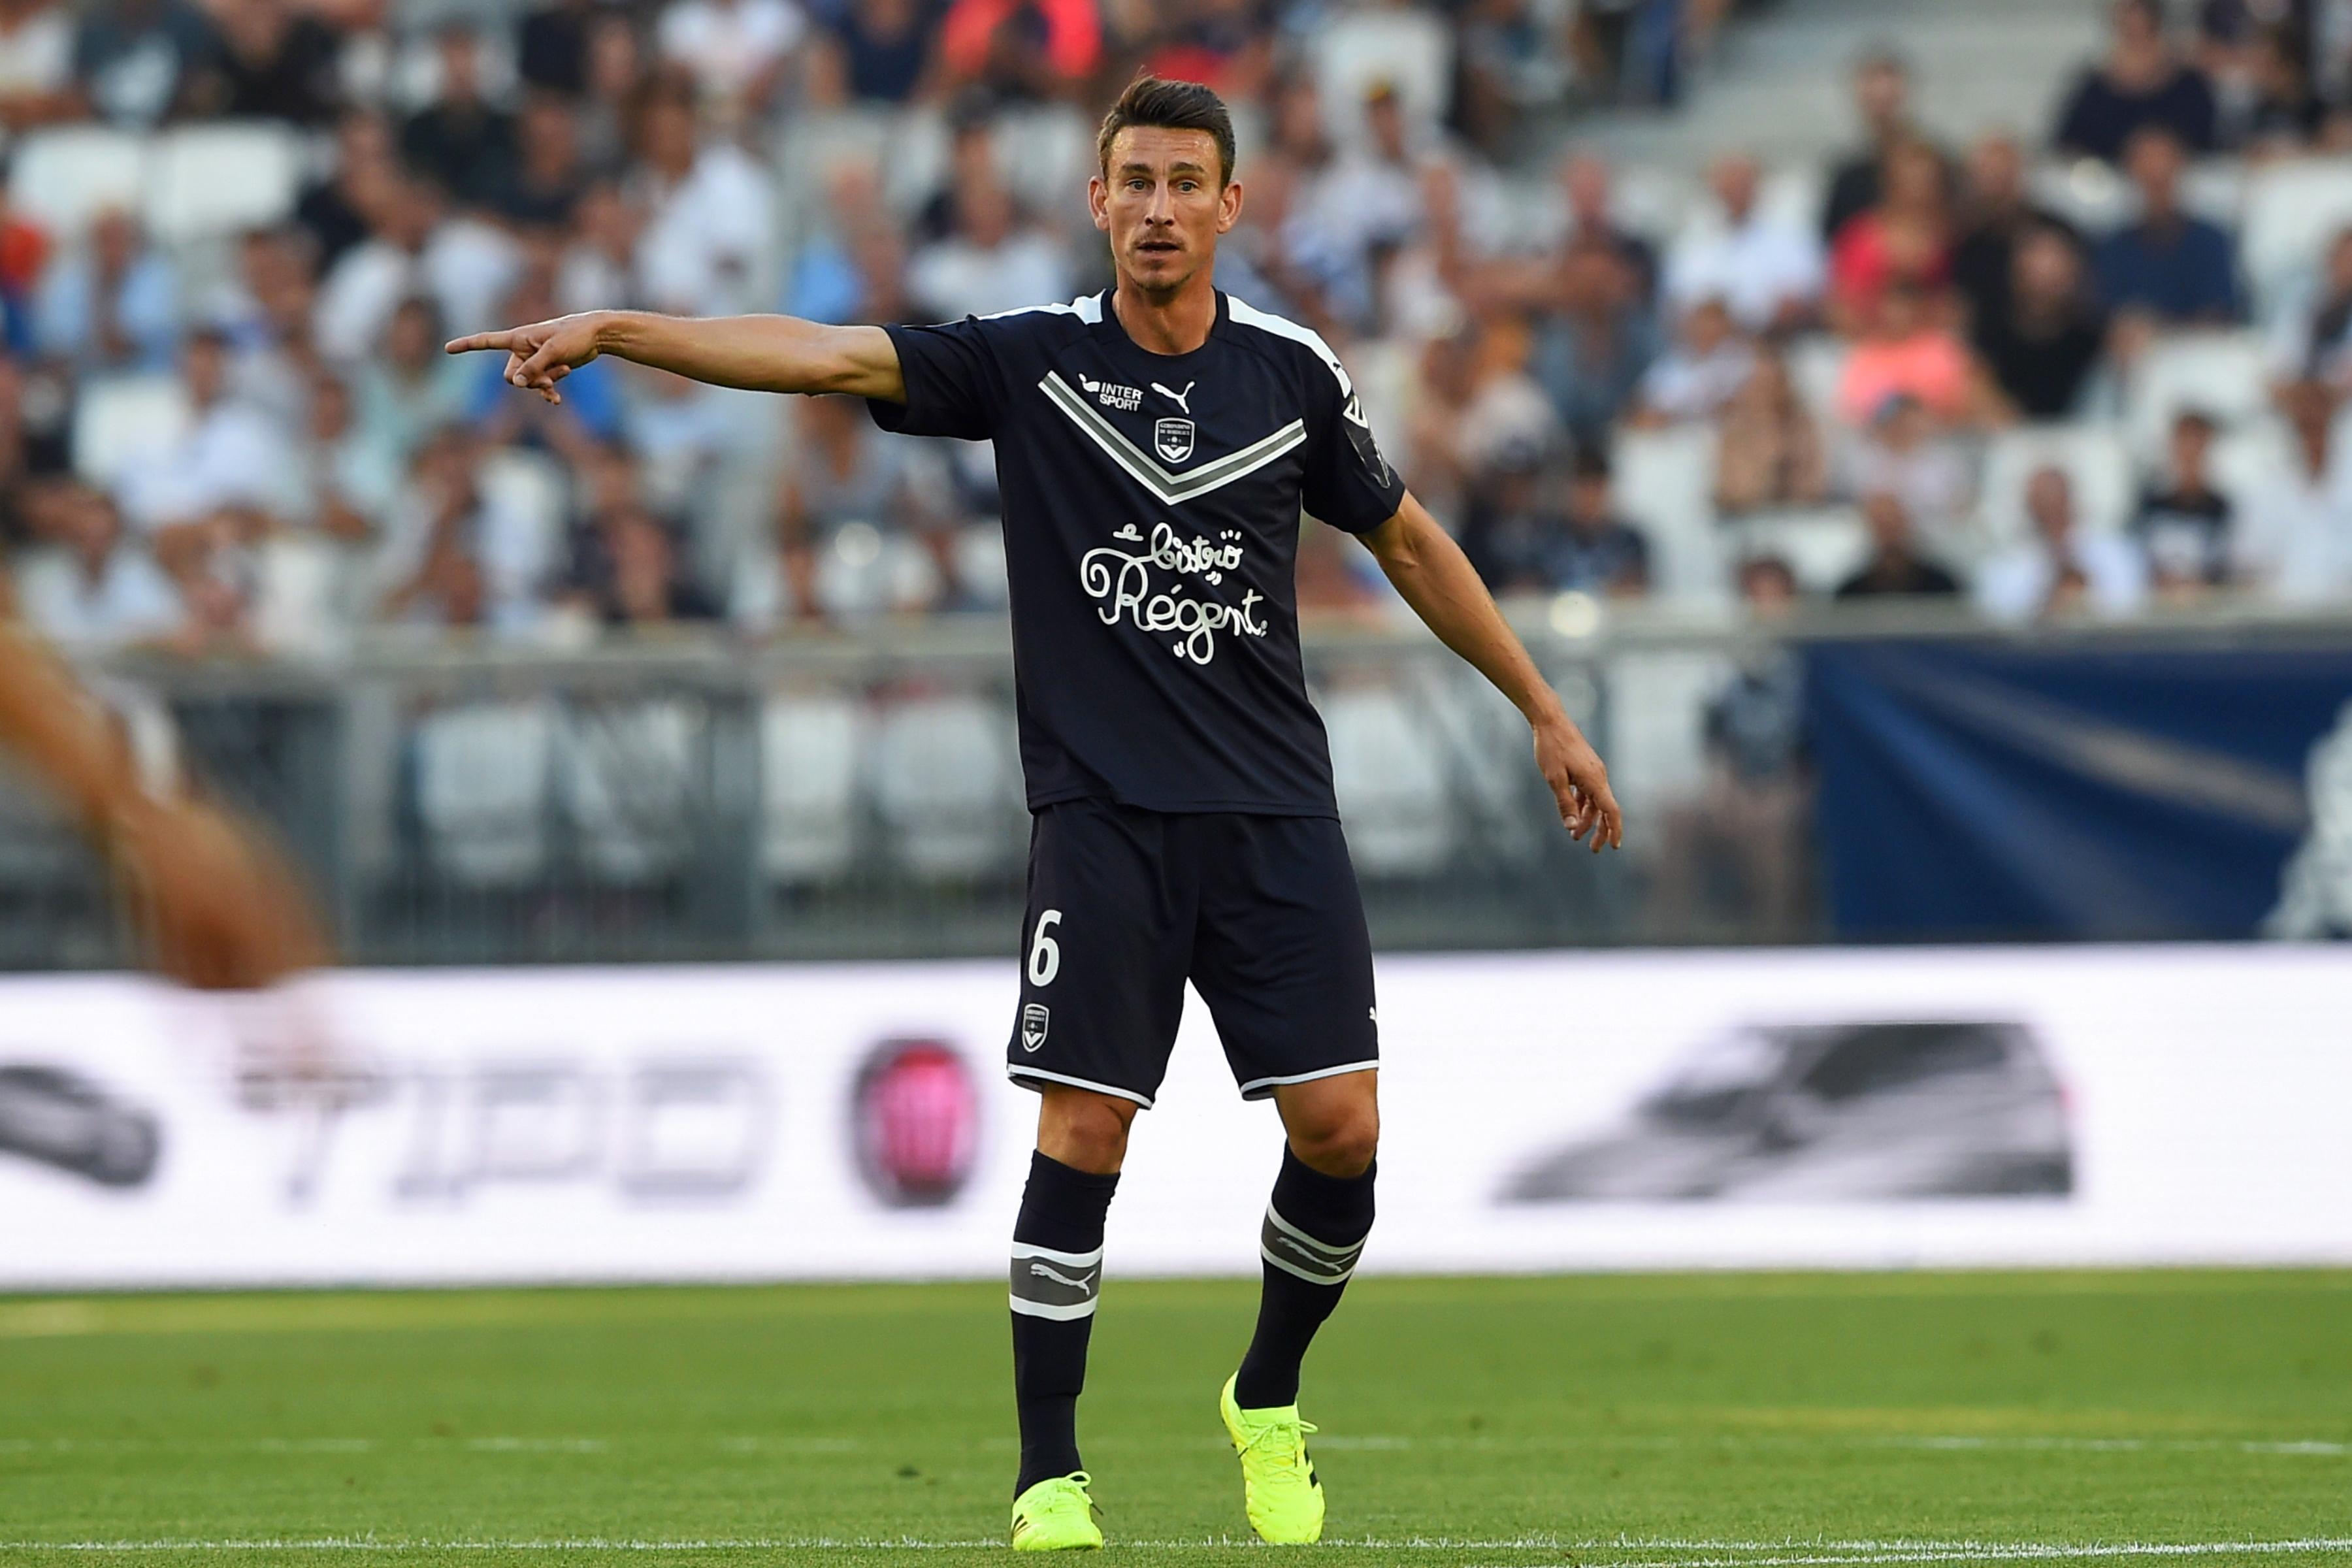 Ligue 1 - Joe DaGrosa explique les raisons du prudent mercato des Girondins